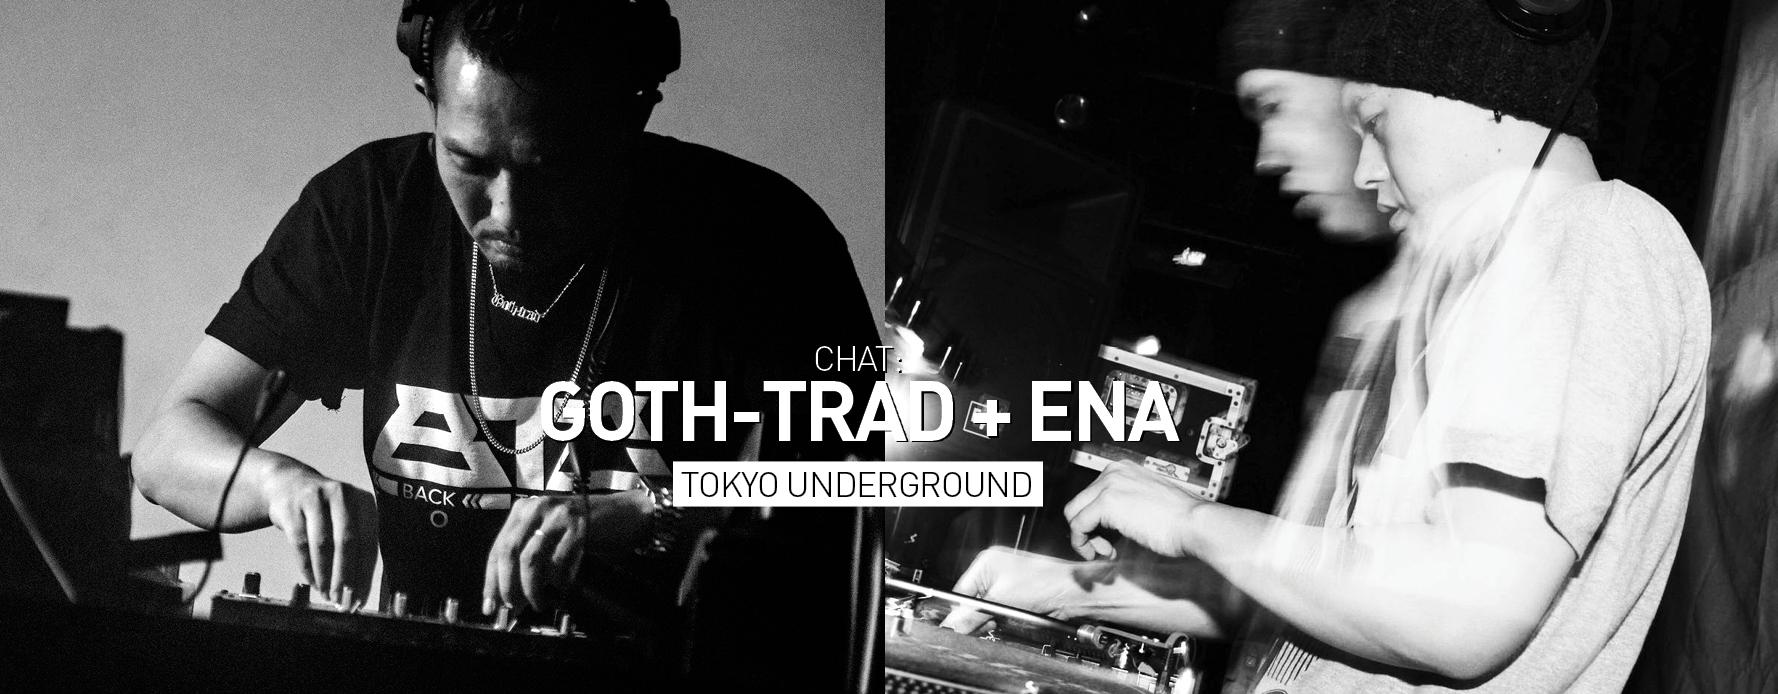 source: Goth-Trad Ena